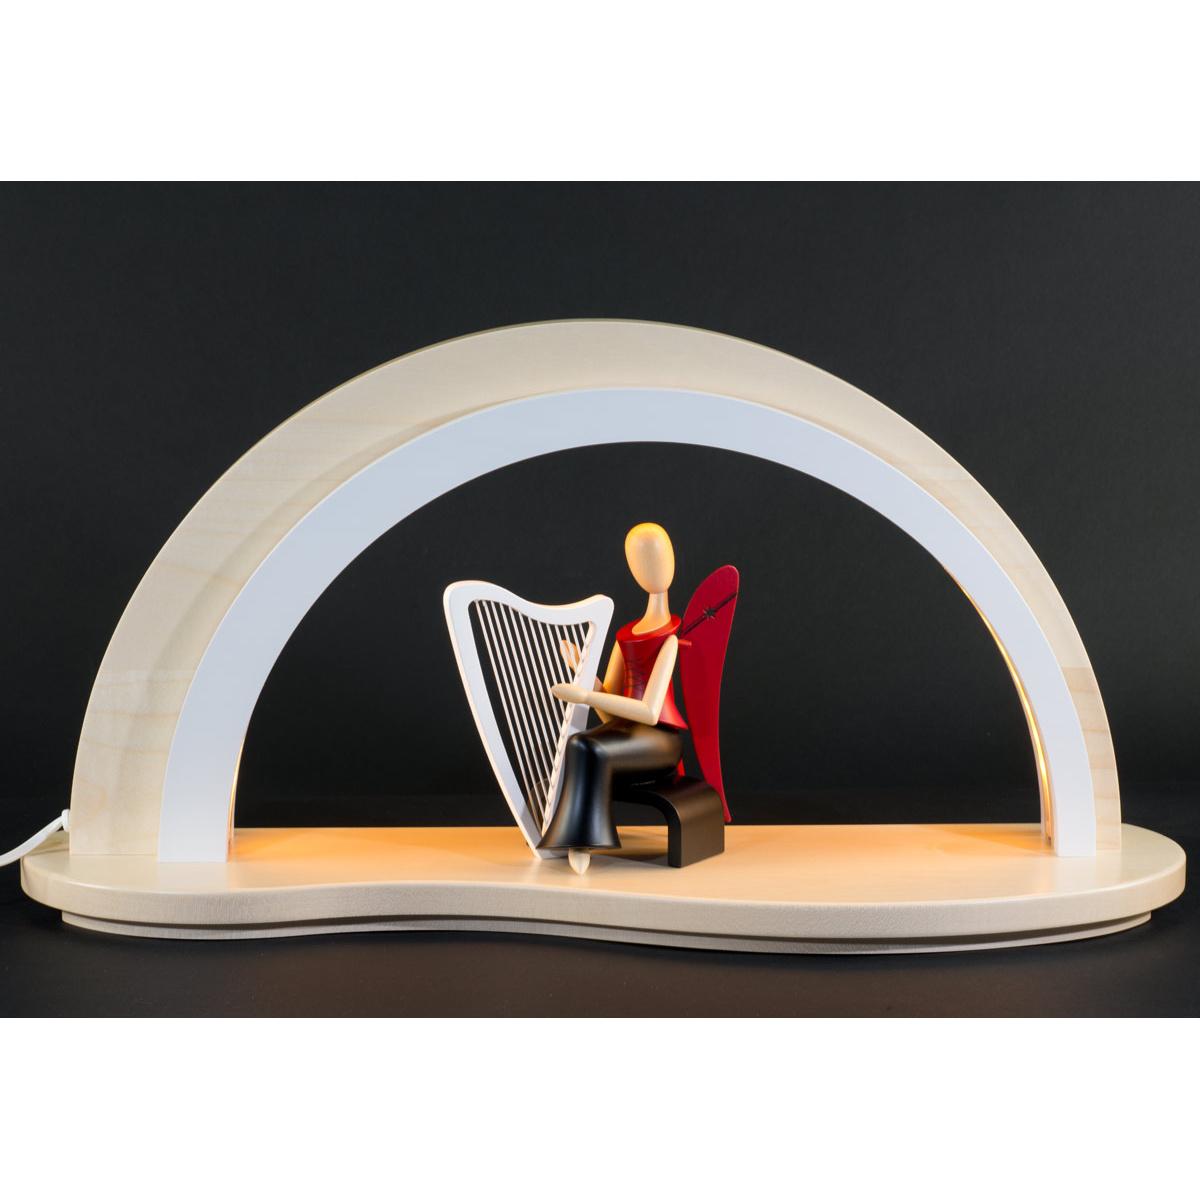 schwibbogen led beleuchtung ohne dekofl che natur von n umanns f r kaufen. Black Bedroom Furniture Sets. Home Design Ideas